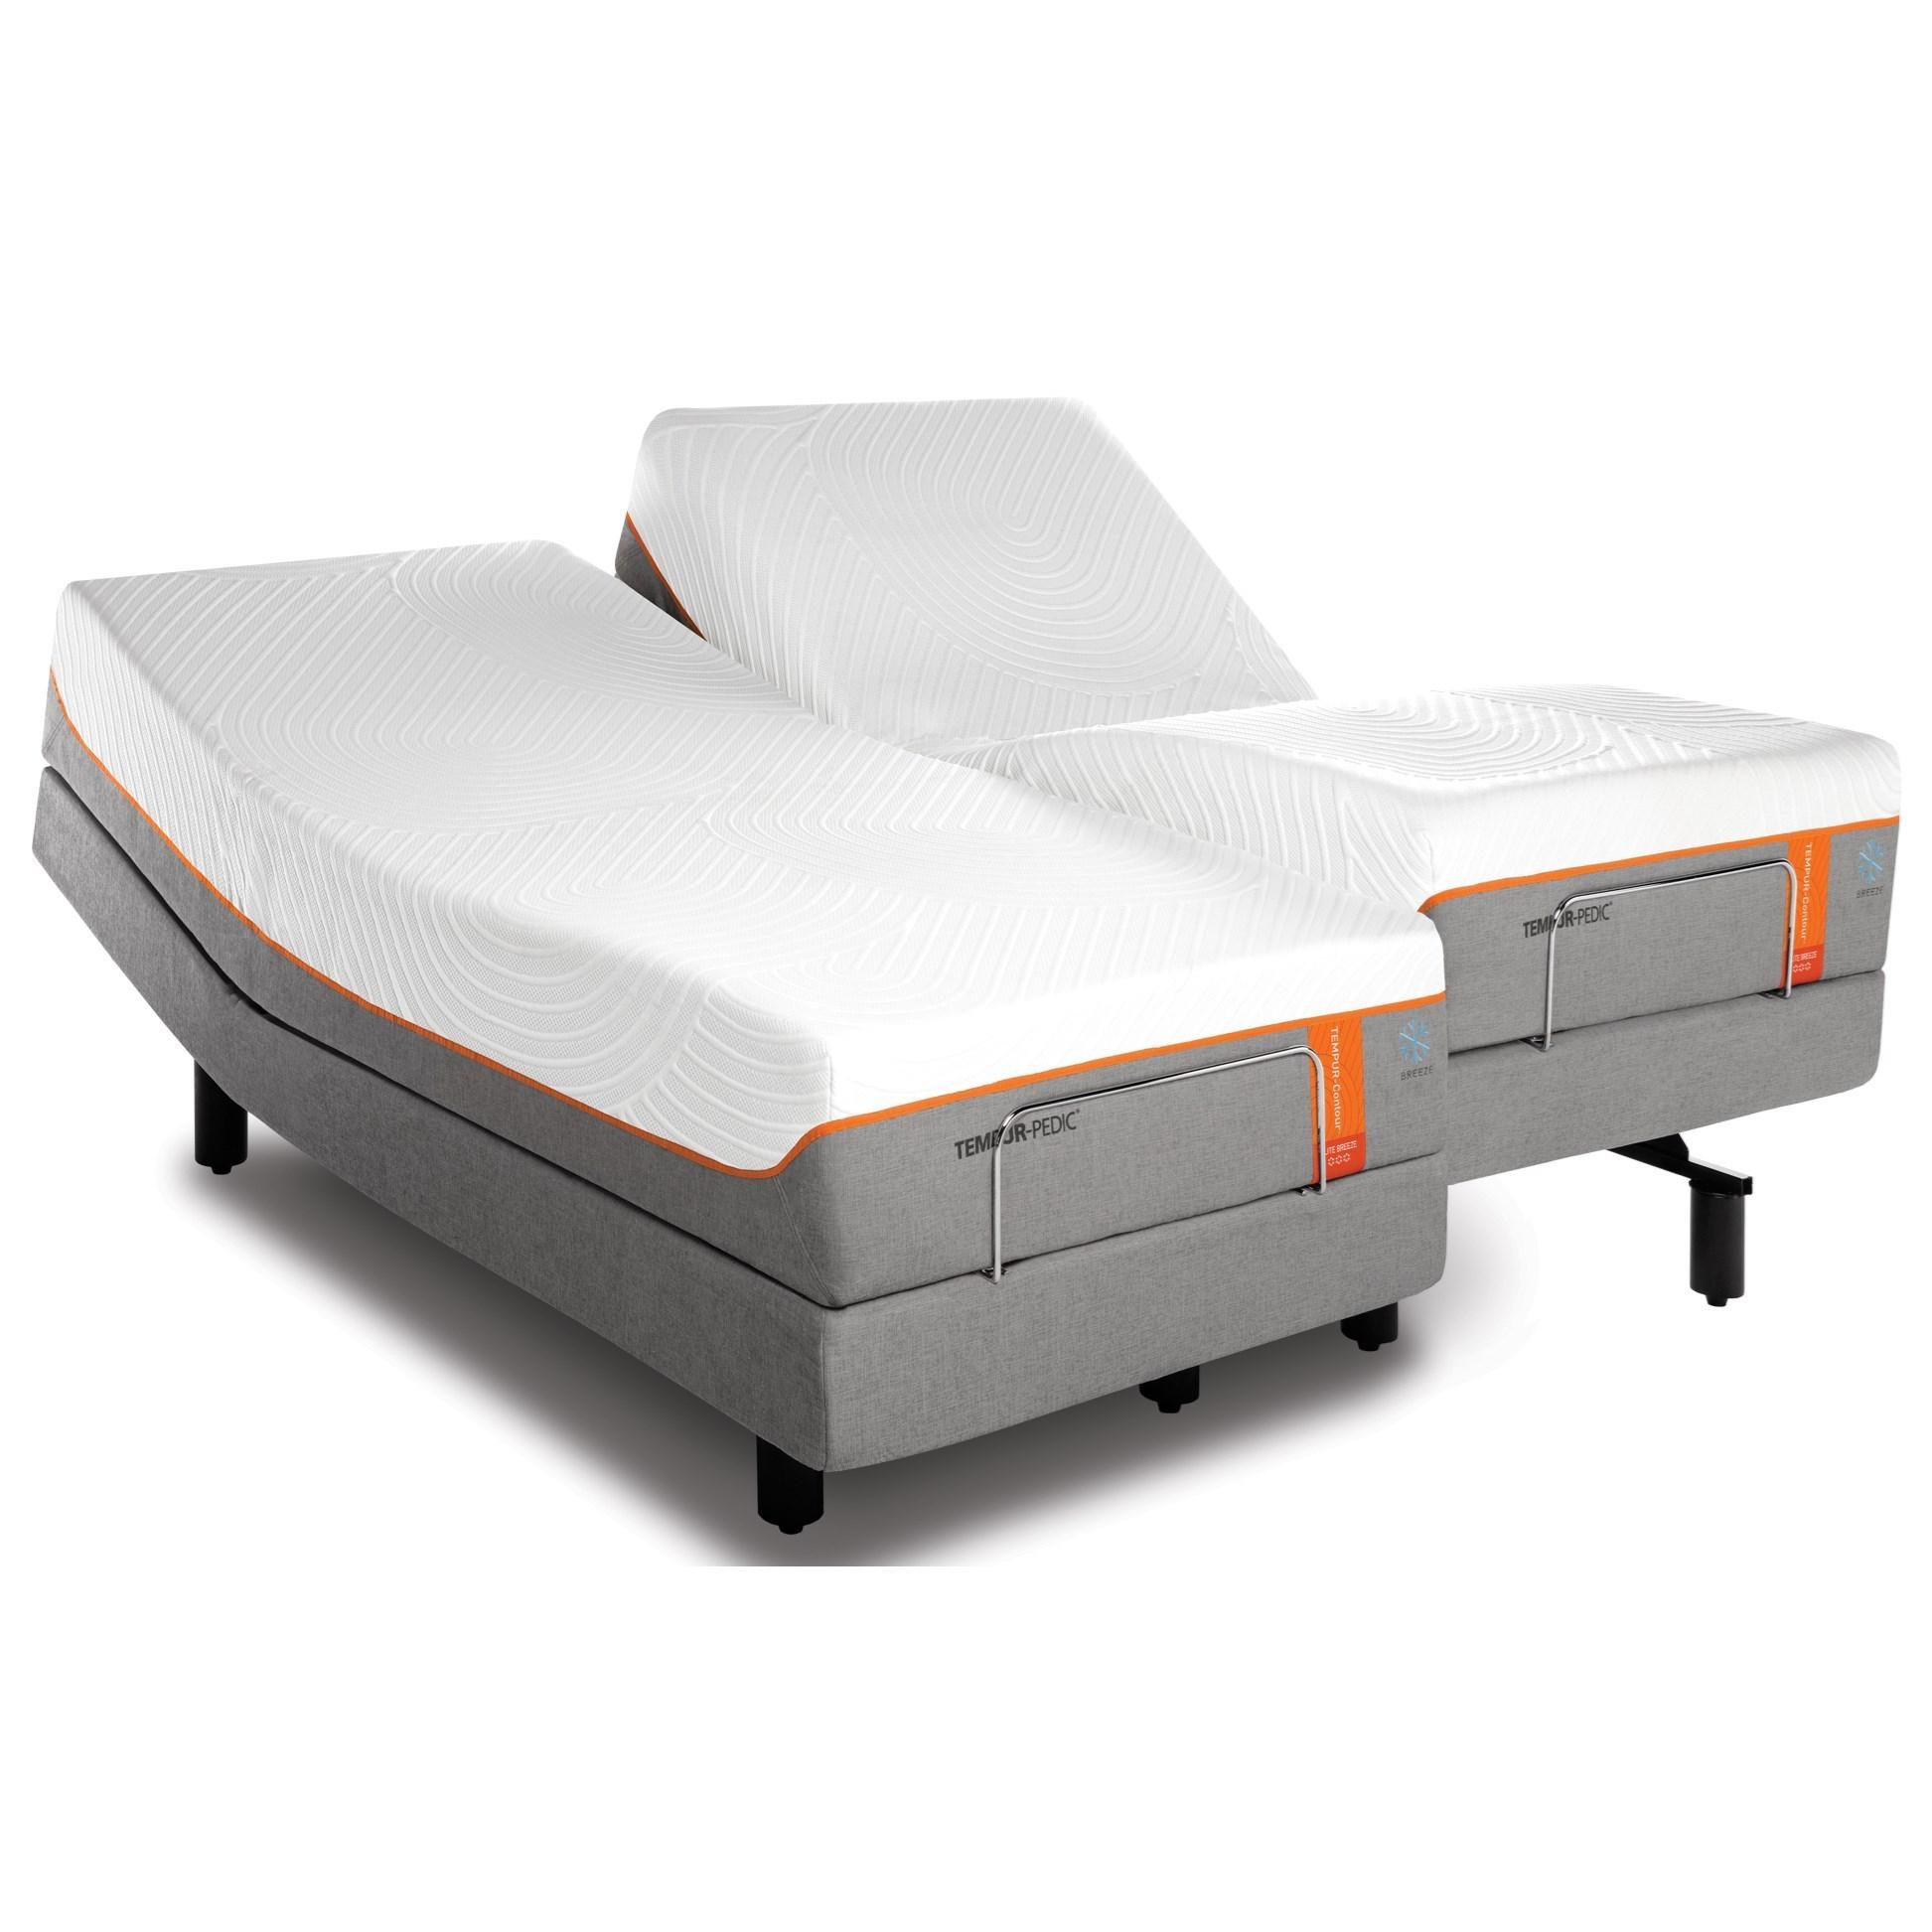 Tempur-Pedic® TEMPUR-Contour Elite Breeze Twin Extra Long Medium-Firm Mattress Set - Item Number: 10290220+25565220